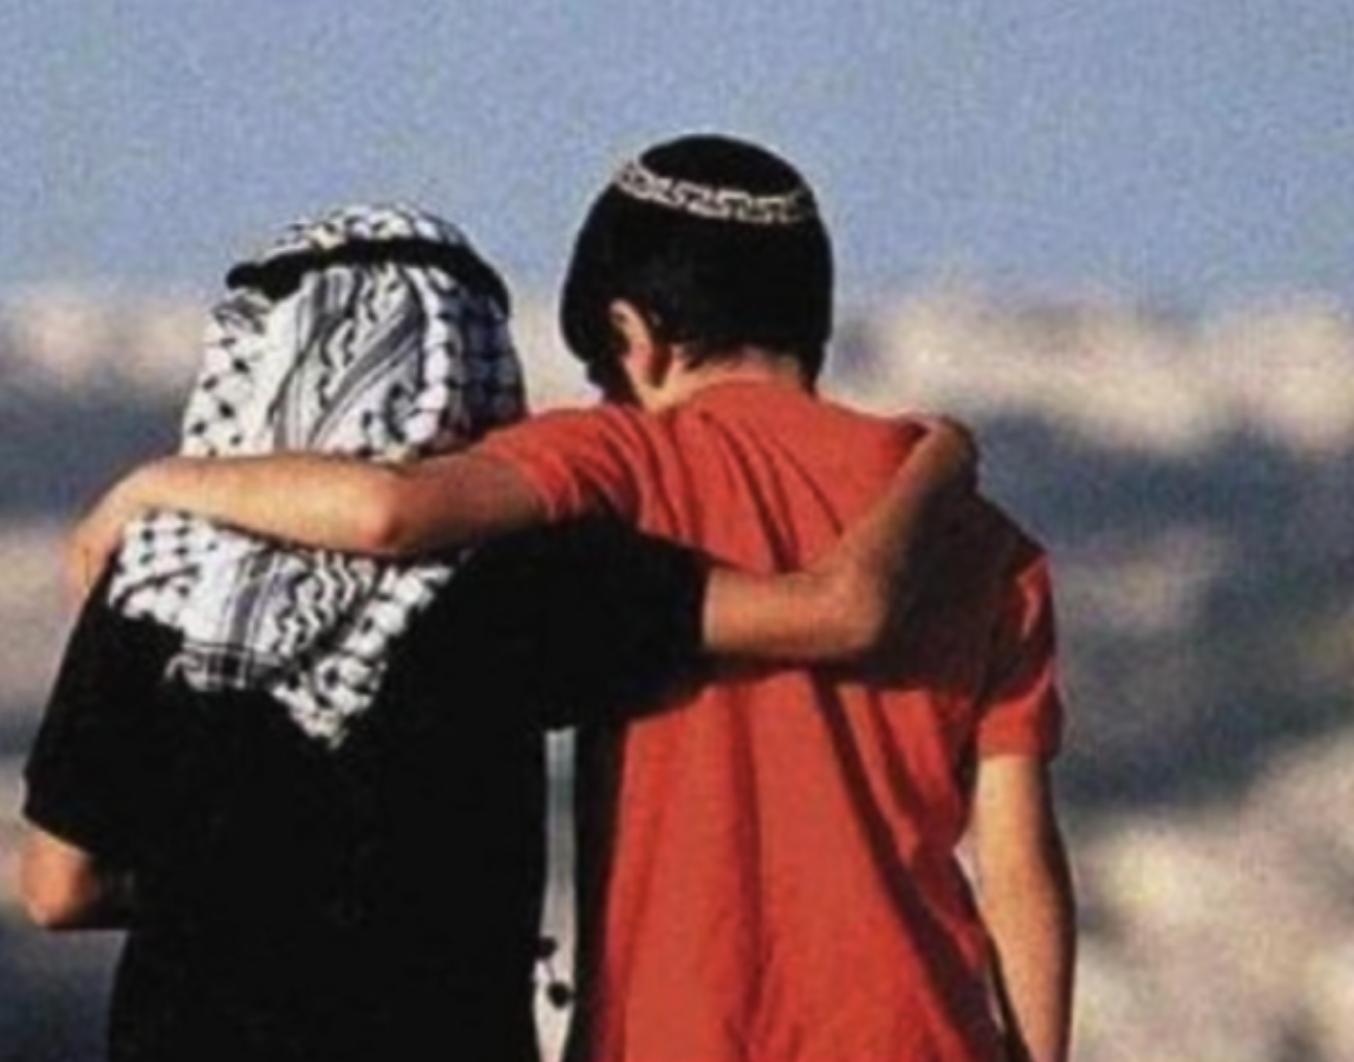 La vérité sur le conflit israélo-palestinien (8) : la paix est-elle possible ?